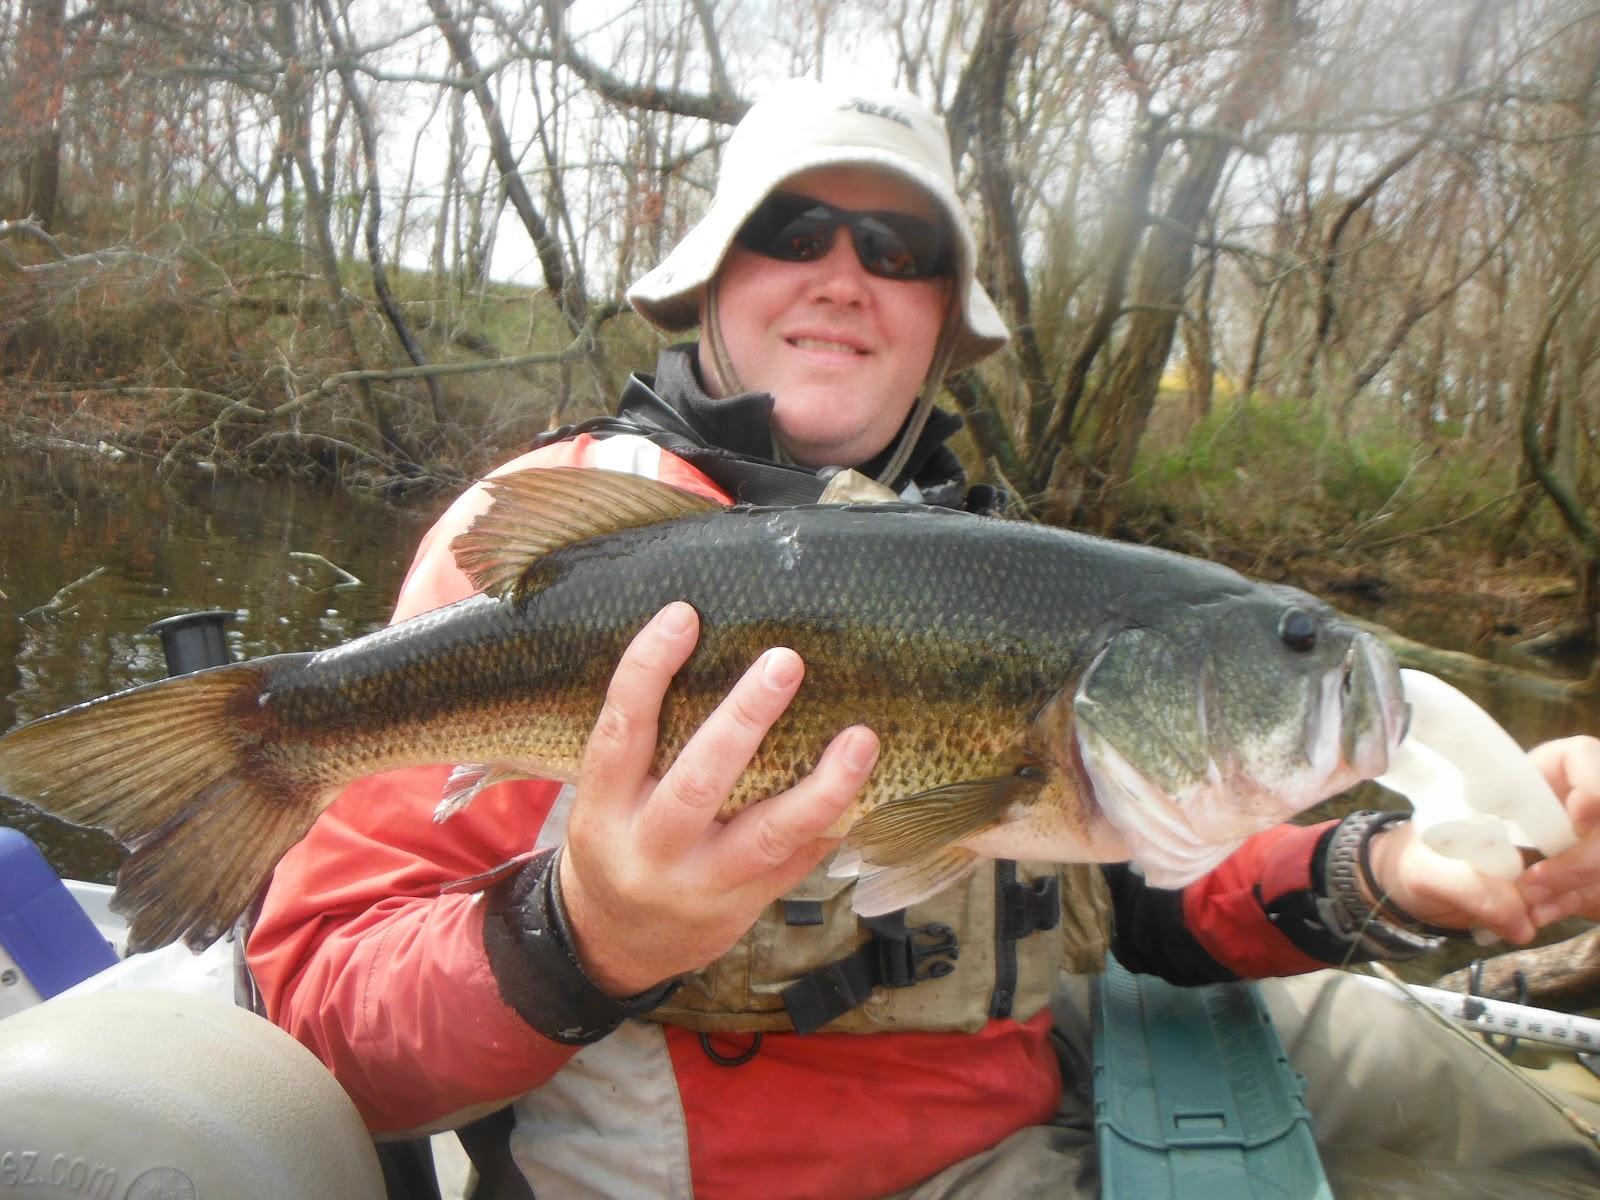 Freshwater Fishing 2013